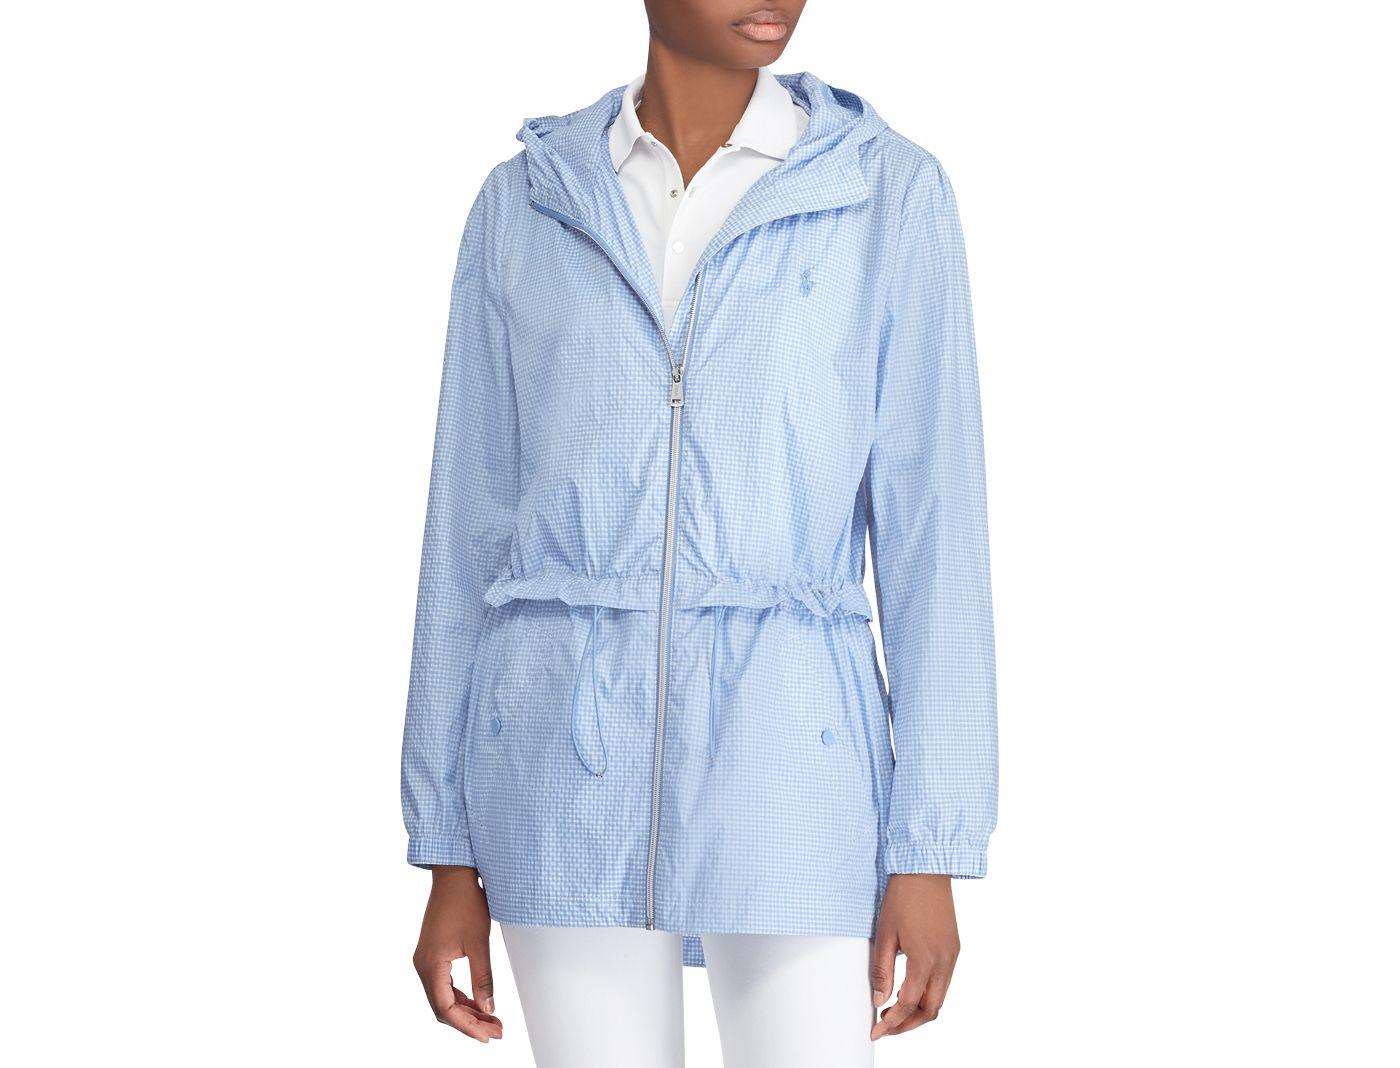 Polo Golf Women's Seersucker Hooded Golf Jacket